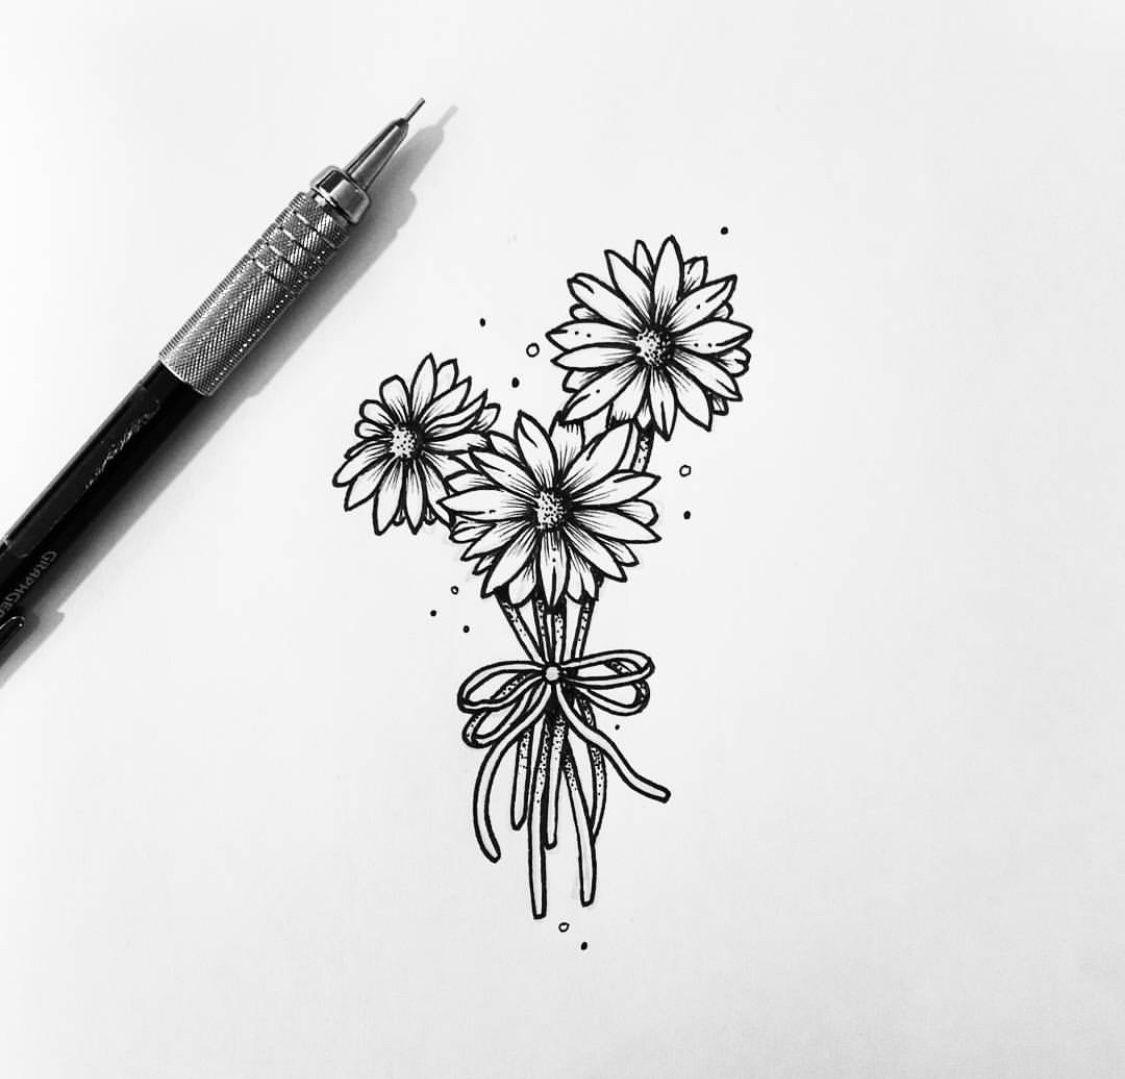 Pin De Claudia Membreño En Ideas Tattoos: Pin De Claudia Membreño En Sketches En 2019